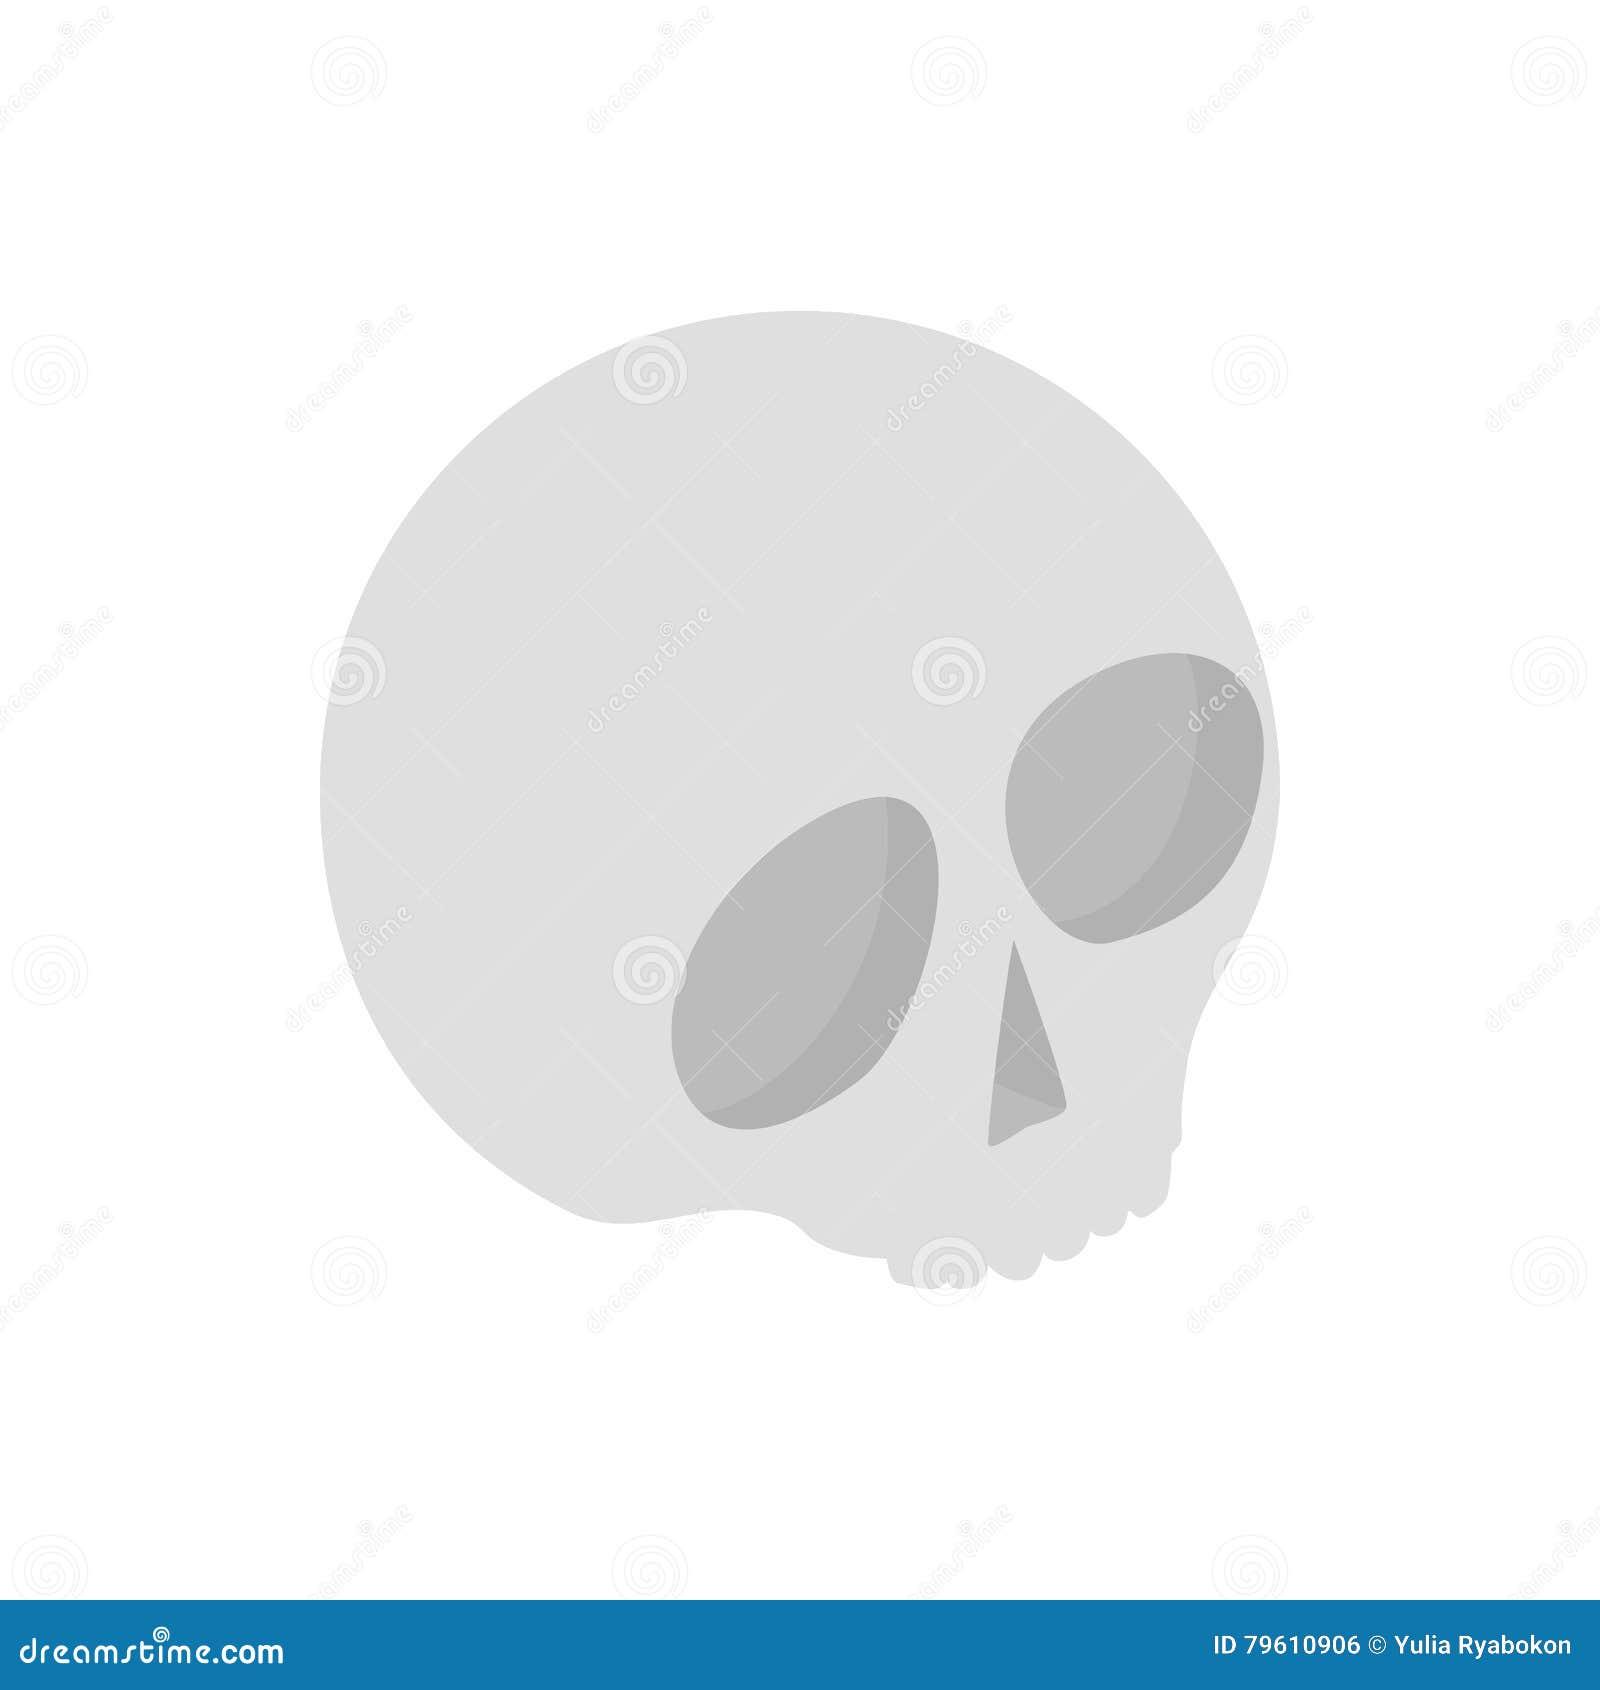 Ícone 3d isométrico do crânio humano